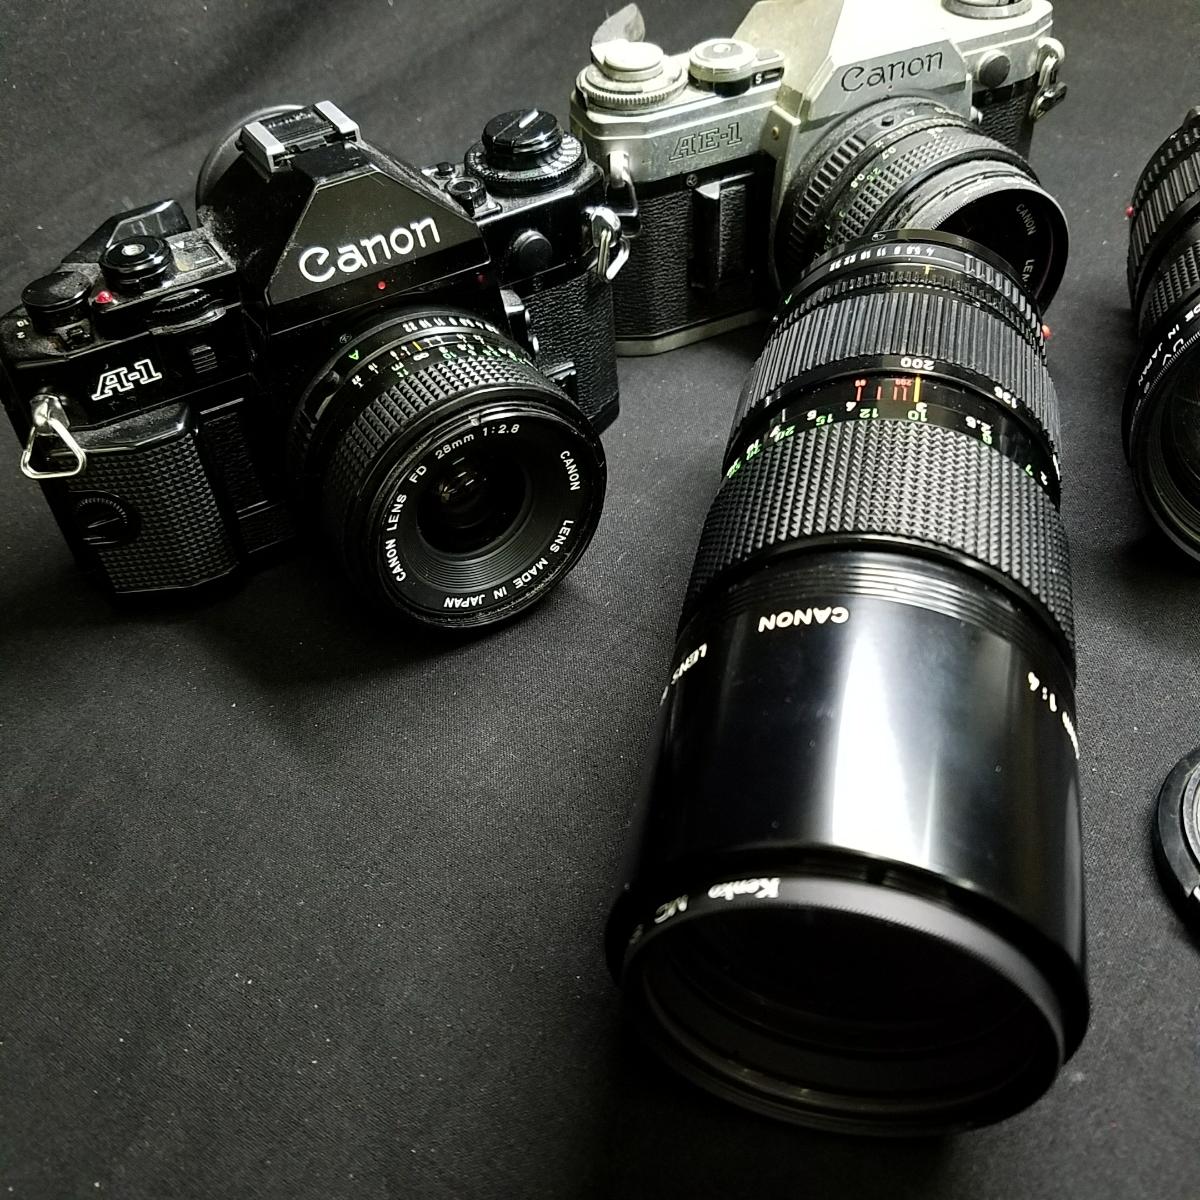 カメラ 光学機器 一眼レフ アンティークカメラ フィルムカメラ プロ仕様 キャノン CANON A-1 AE-1 レンズ 望遠  s-0005_画像3